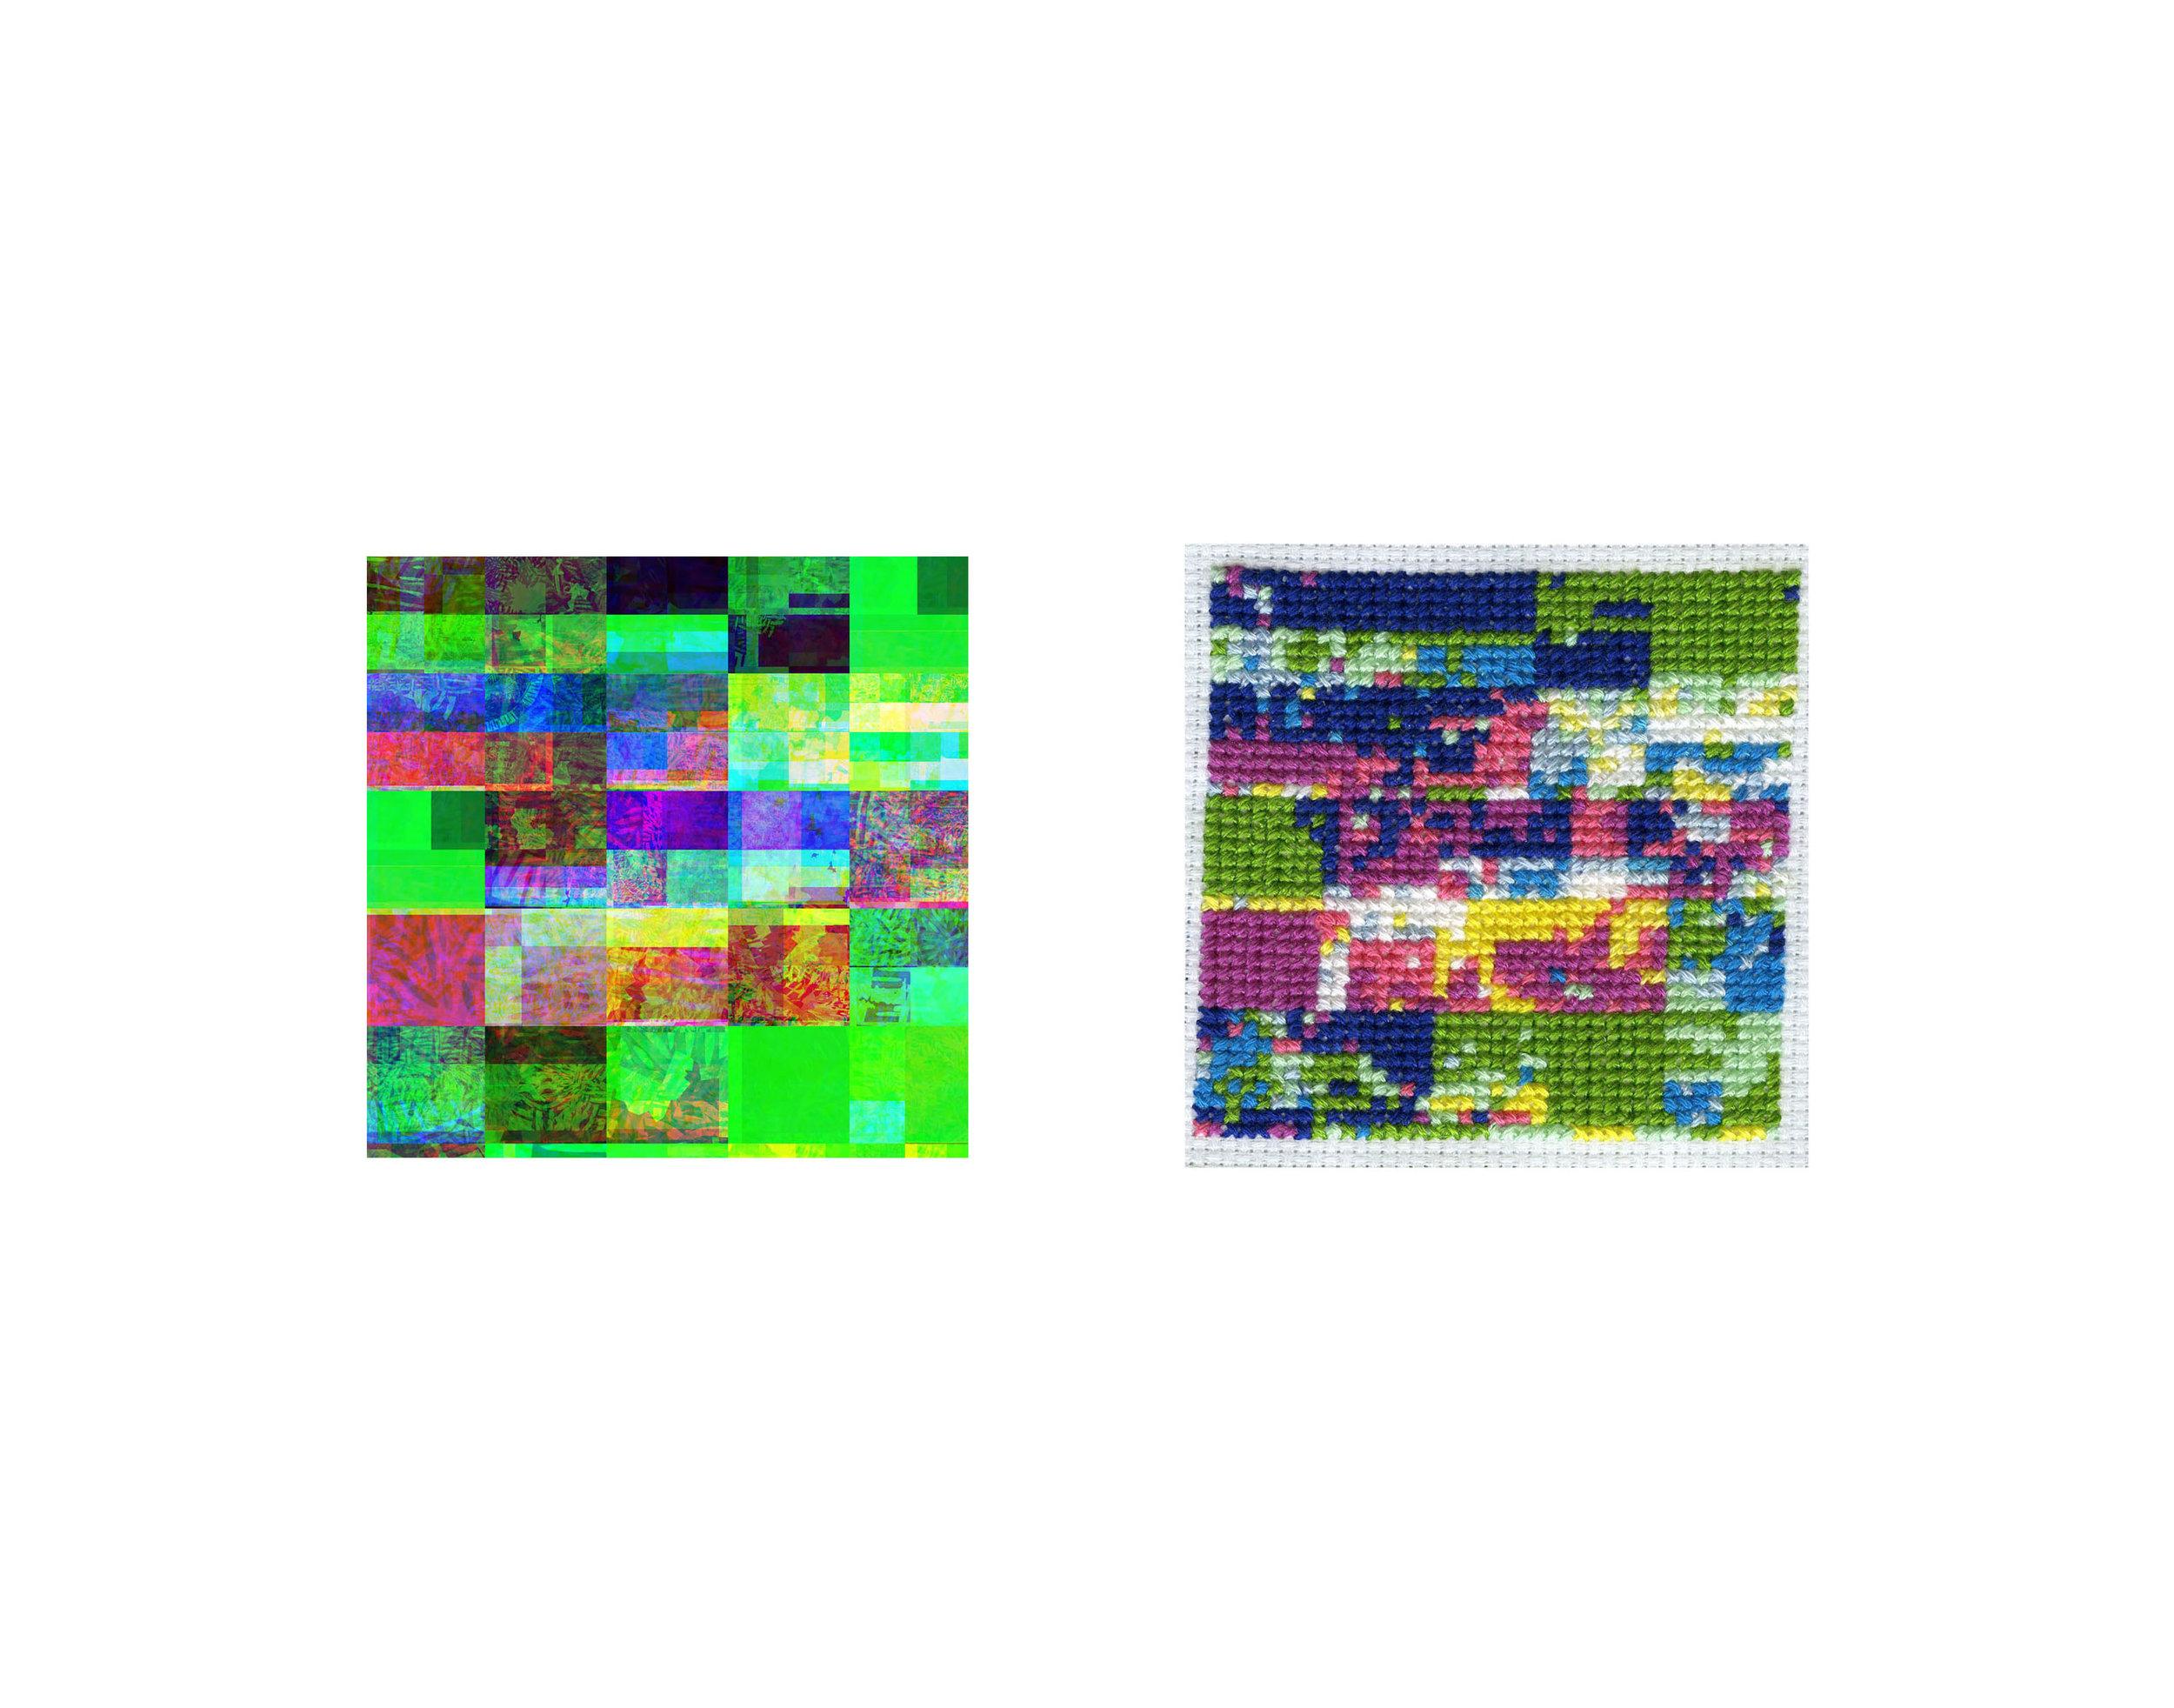 GlitchSeries04 - Crop_2_crop.jpg